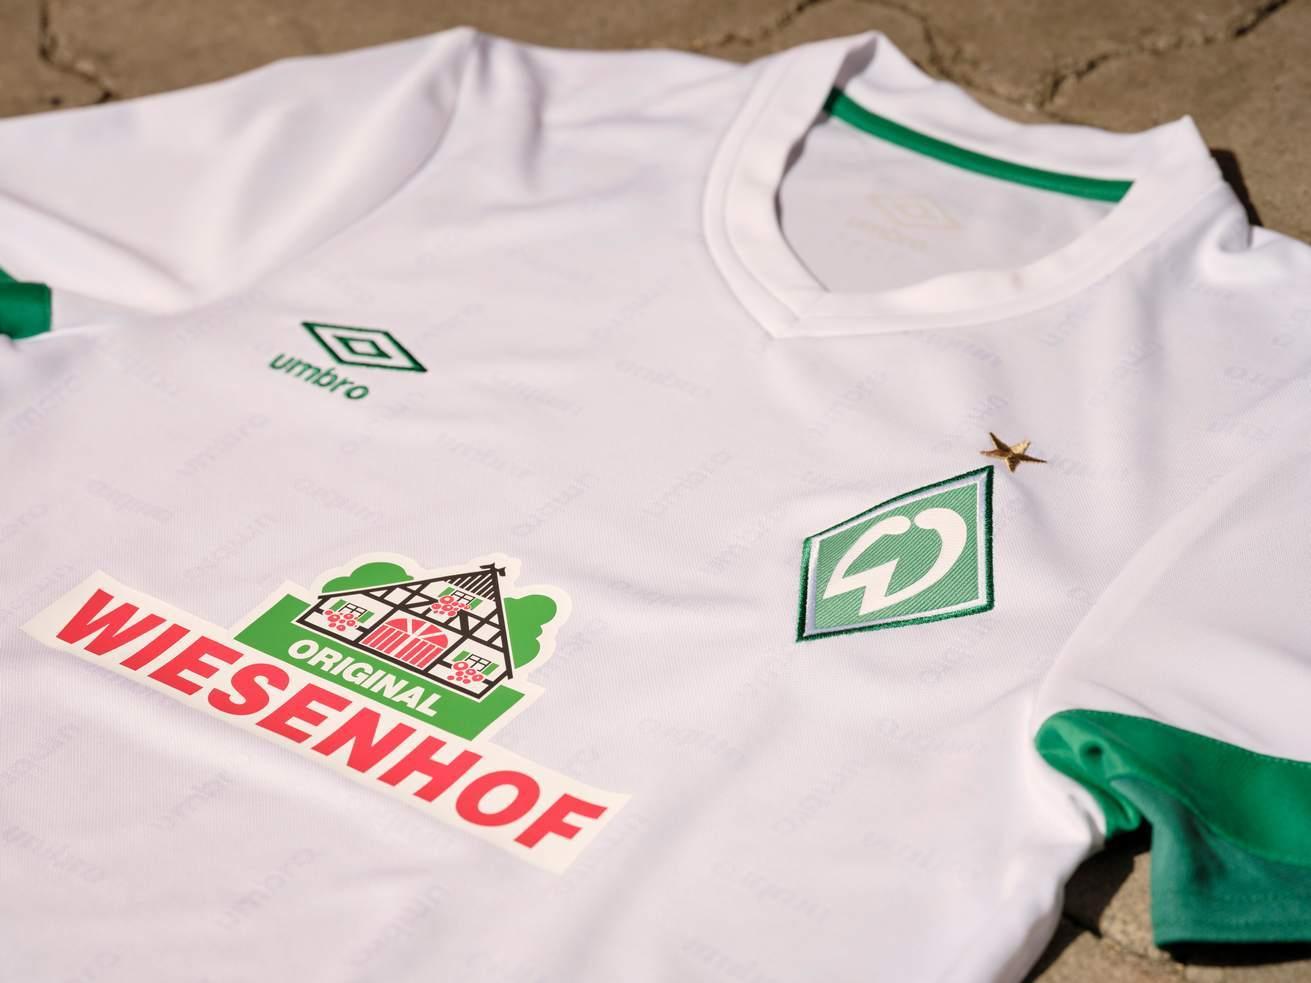 Camiseta visitante Umbro del Werder Bremen 2021/22